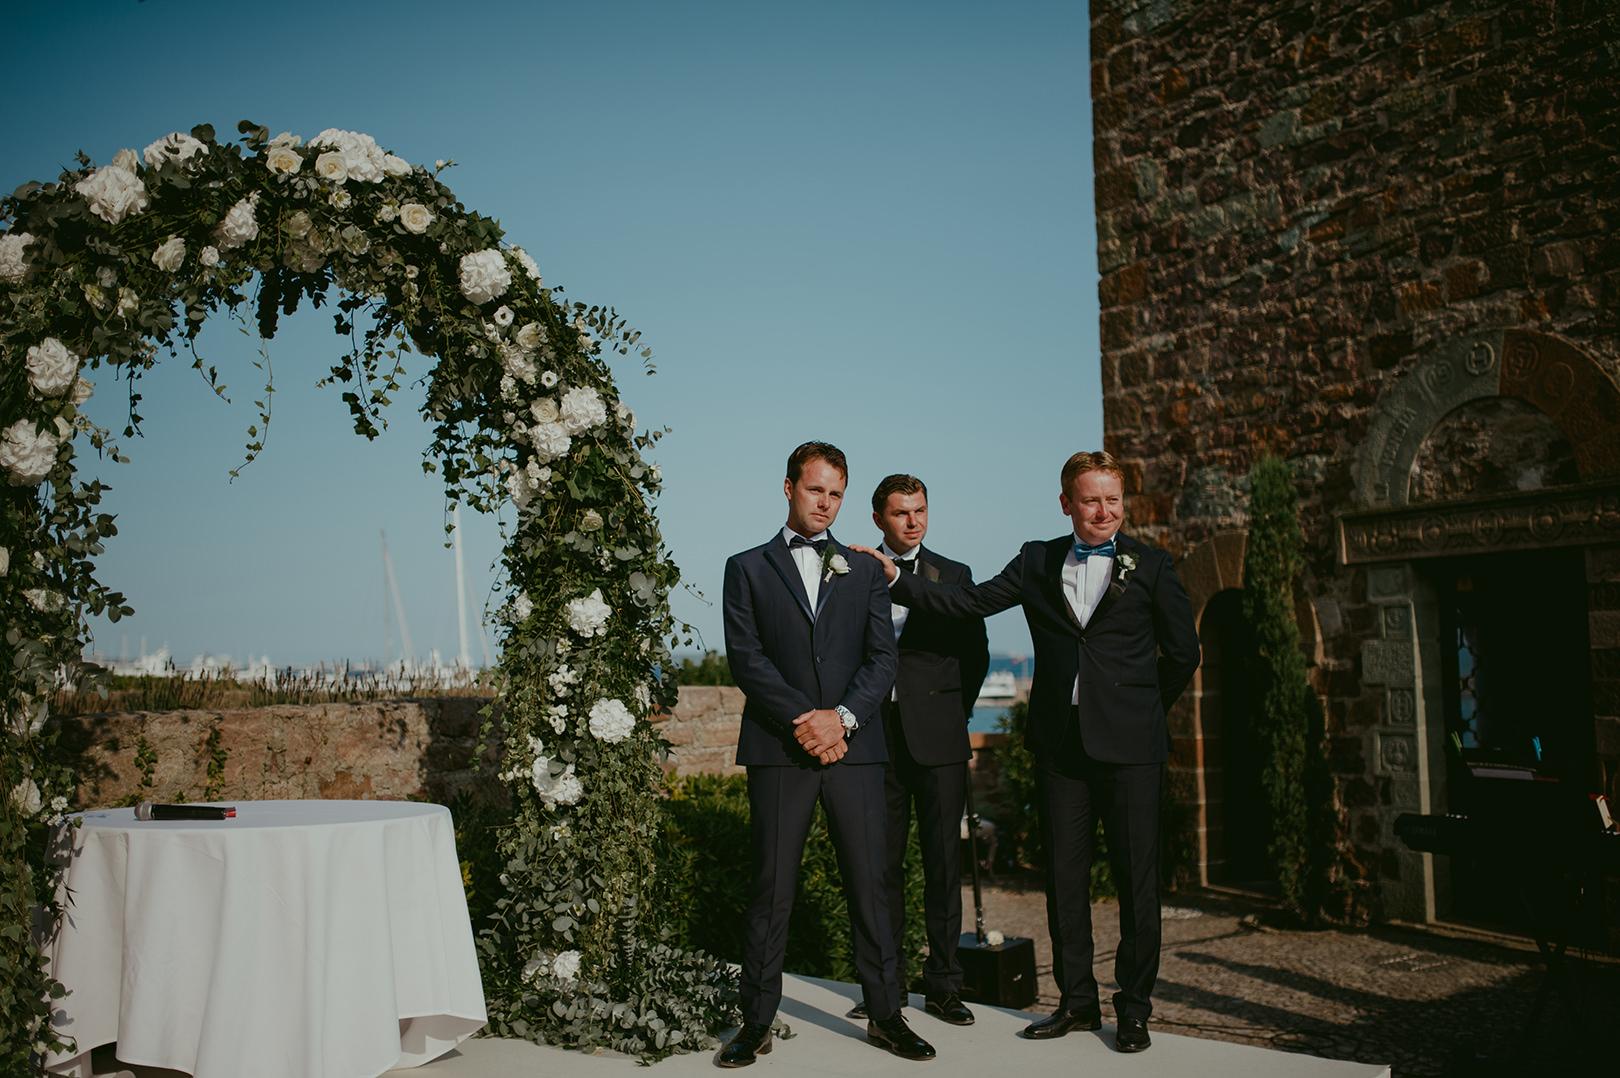 Just before the ceremony at Chateau de la Napoule